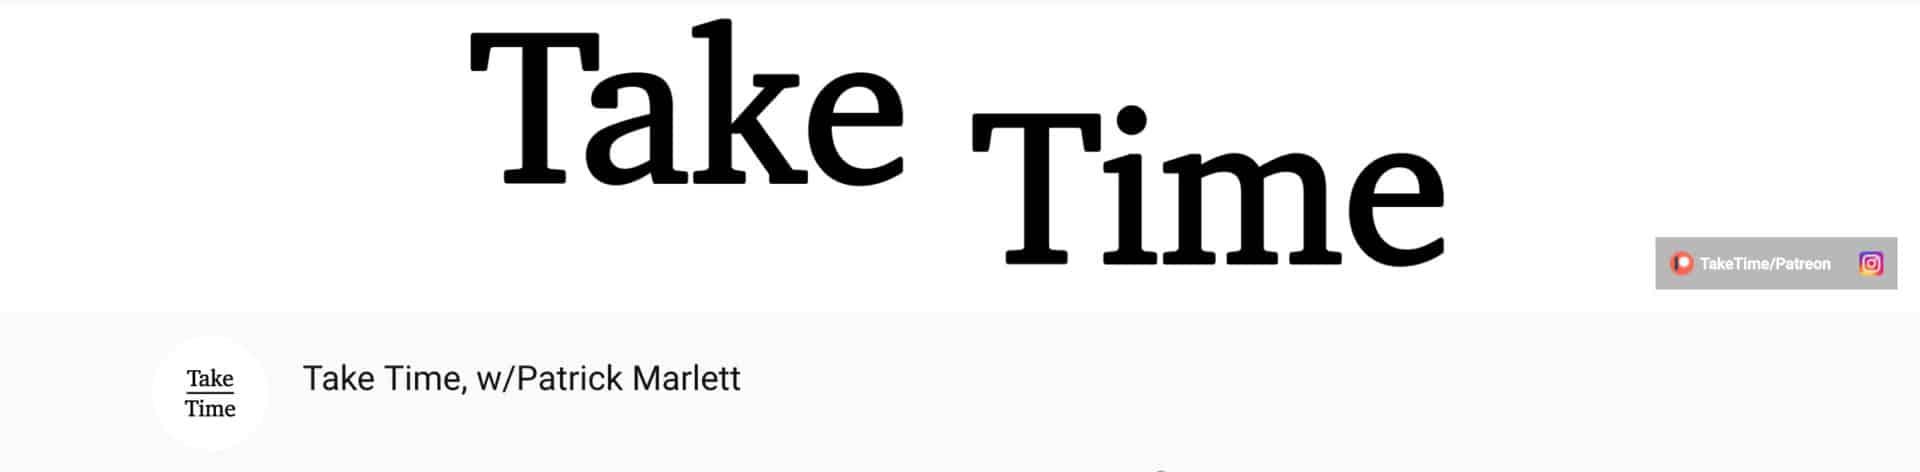 yt take time